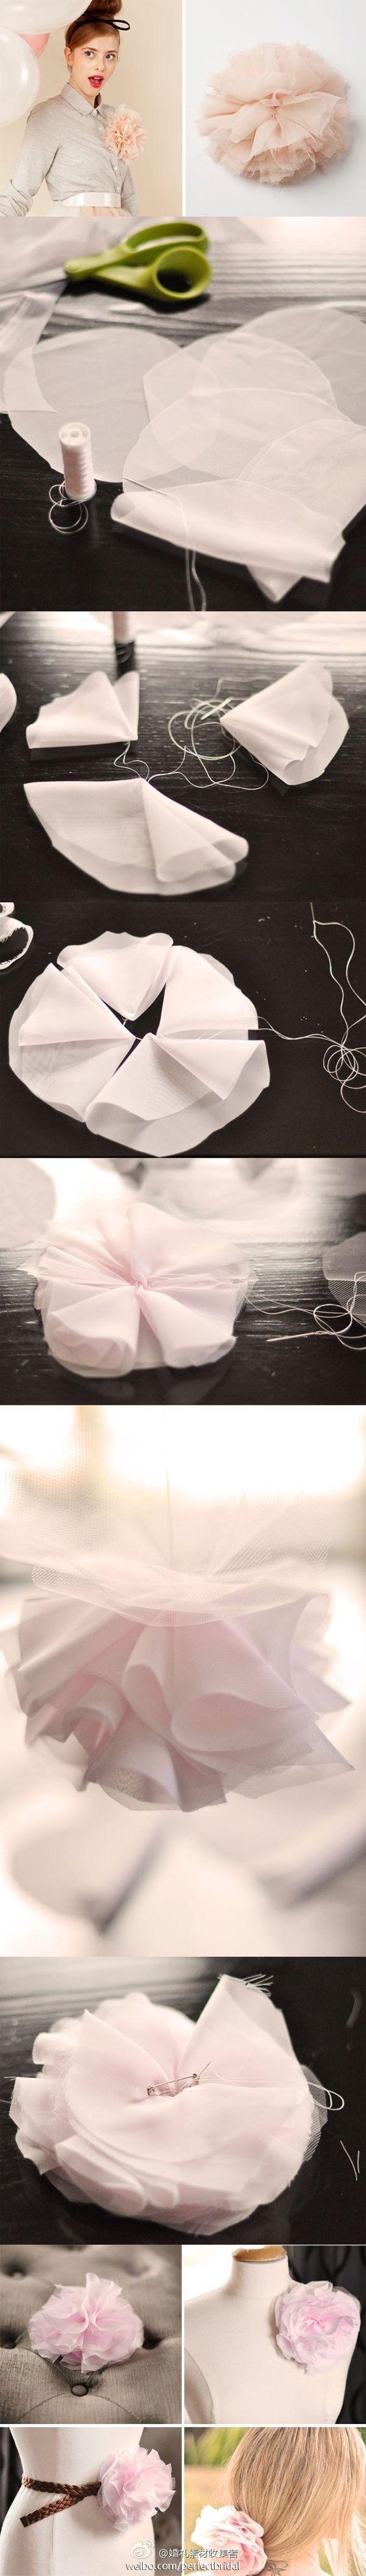 DIY fabric flower pin/broach, belt, ect.